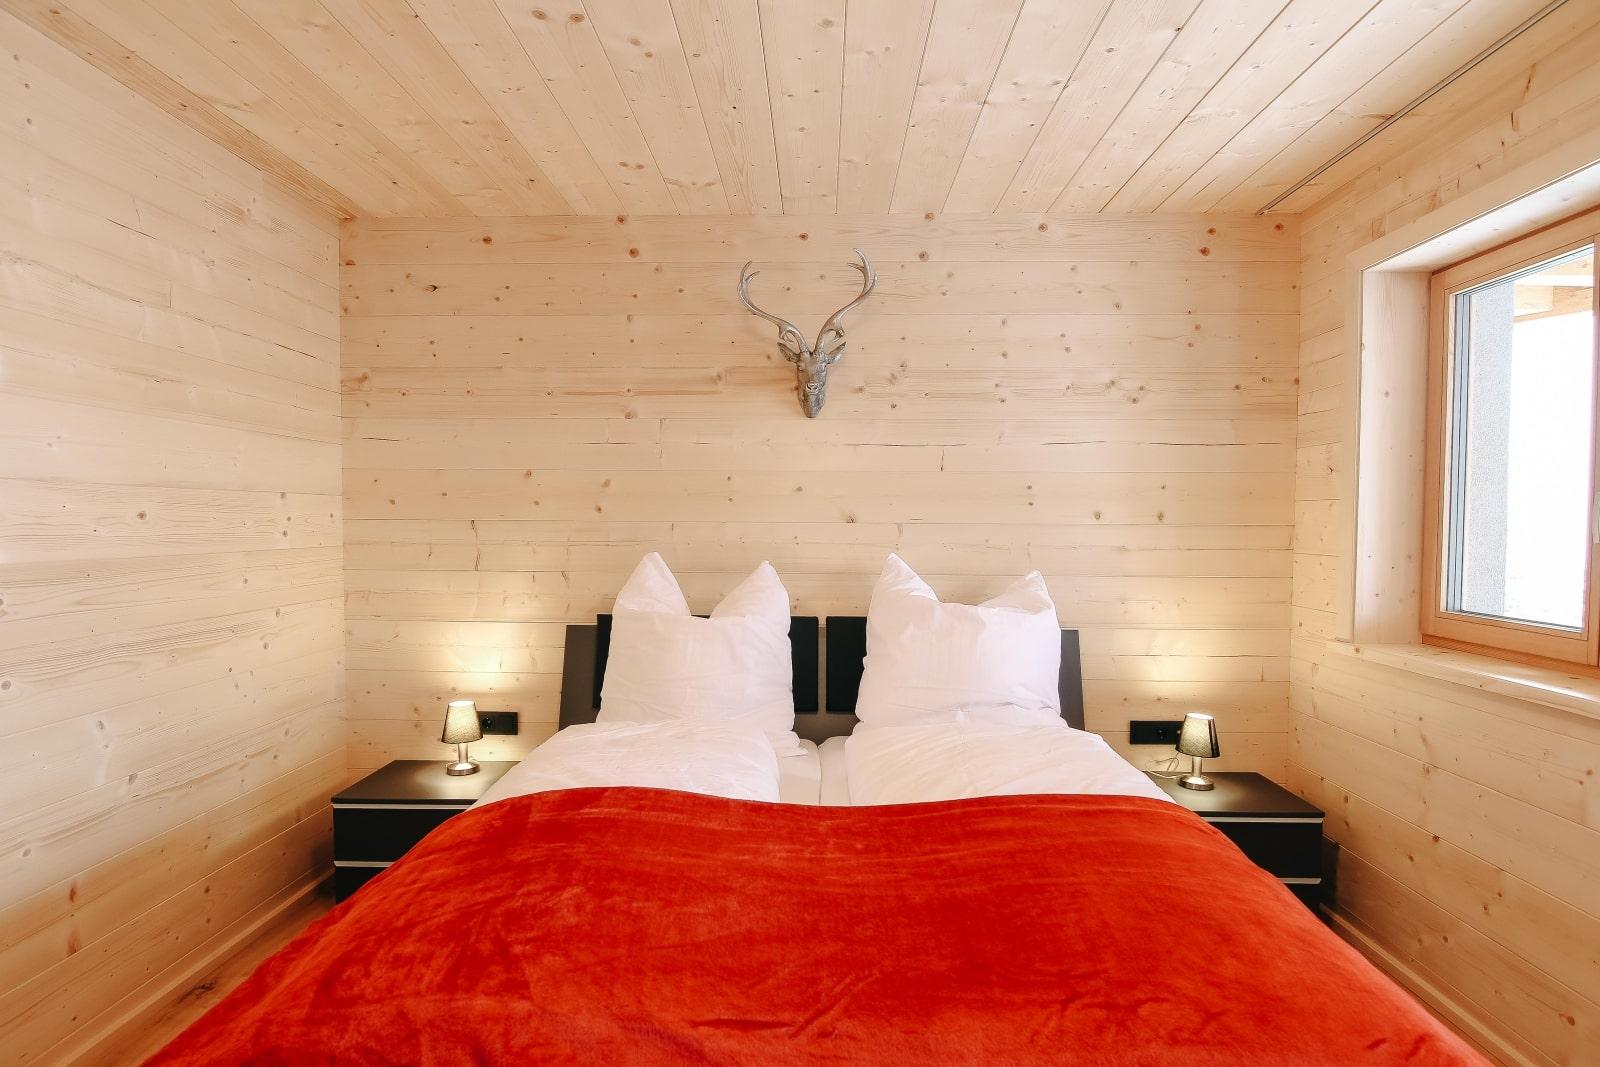 Heidi-Chalet-Falkert-Heidialm-Almsommer-Wellness-Bad-Sauna-Luxus-Wohnen-Doppelbett